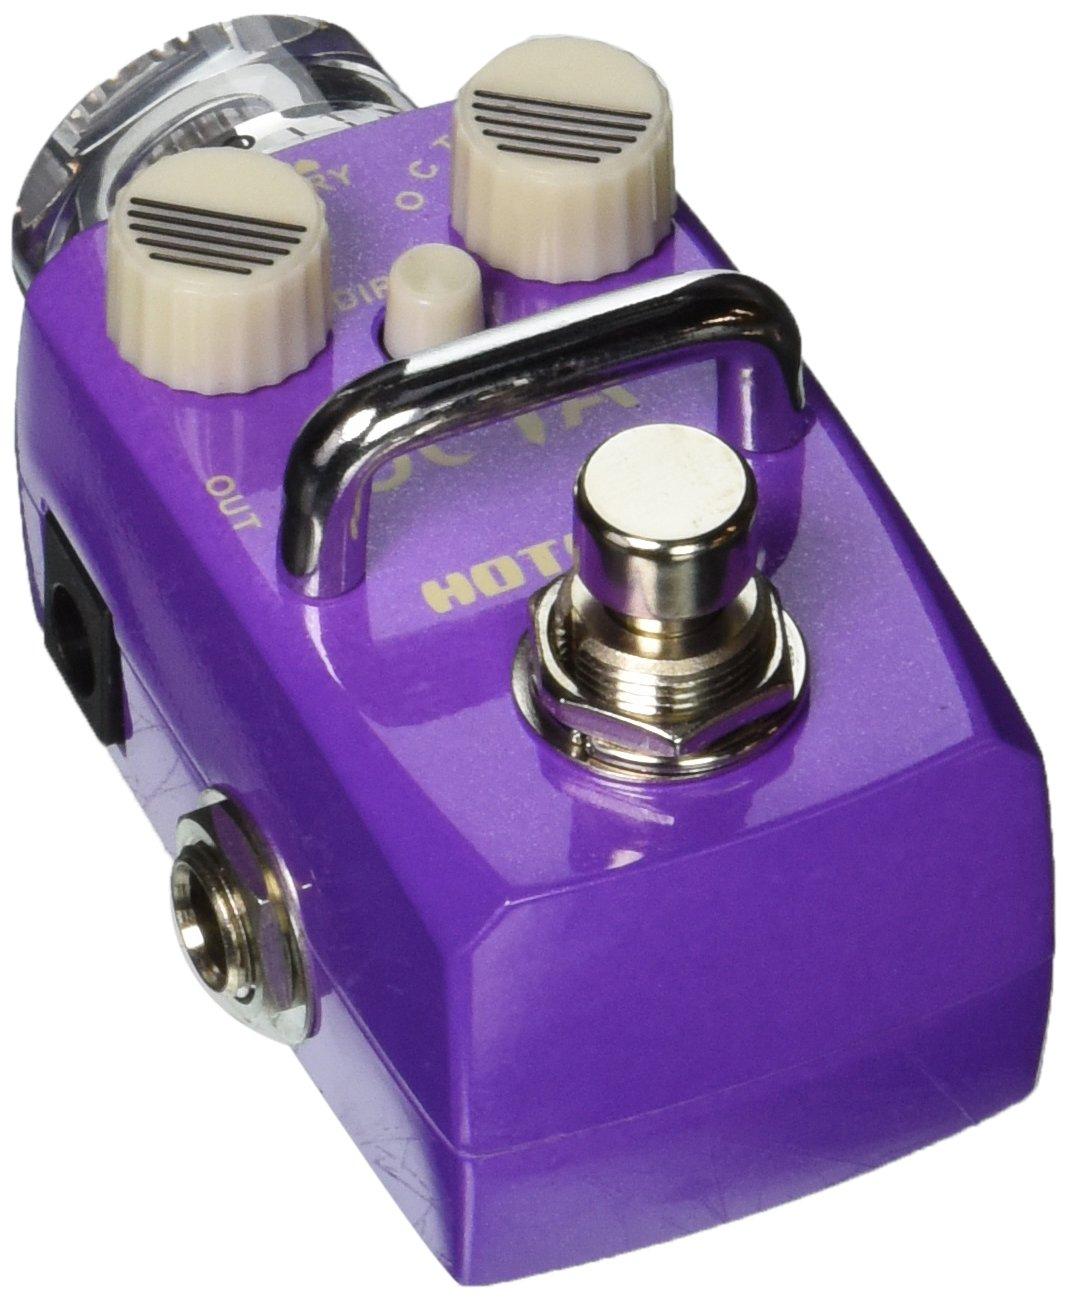 Hotone SOC-1 Octa Compact Digital Octave Pedal